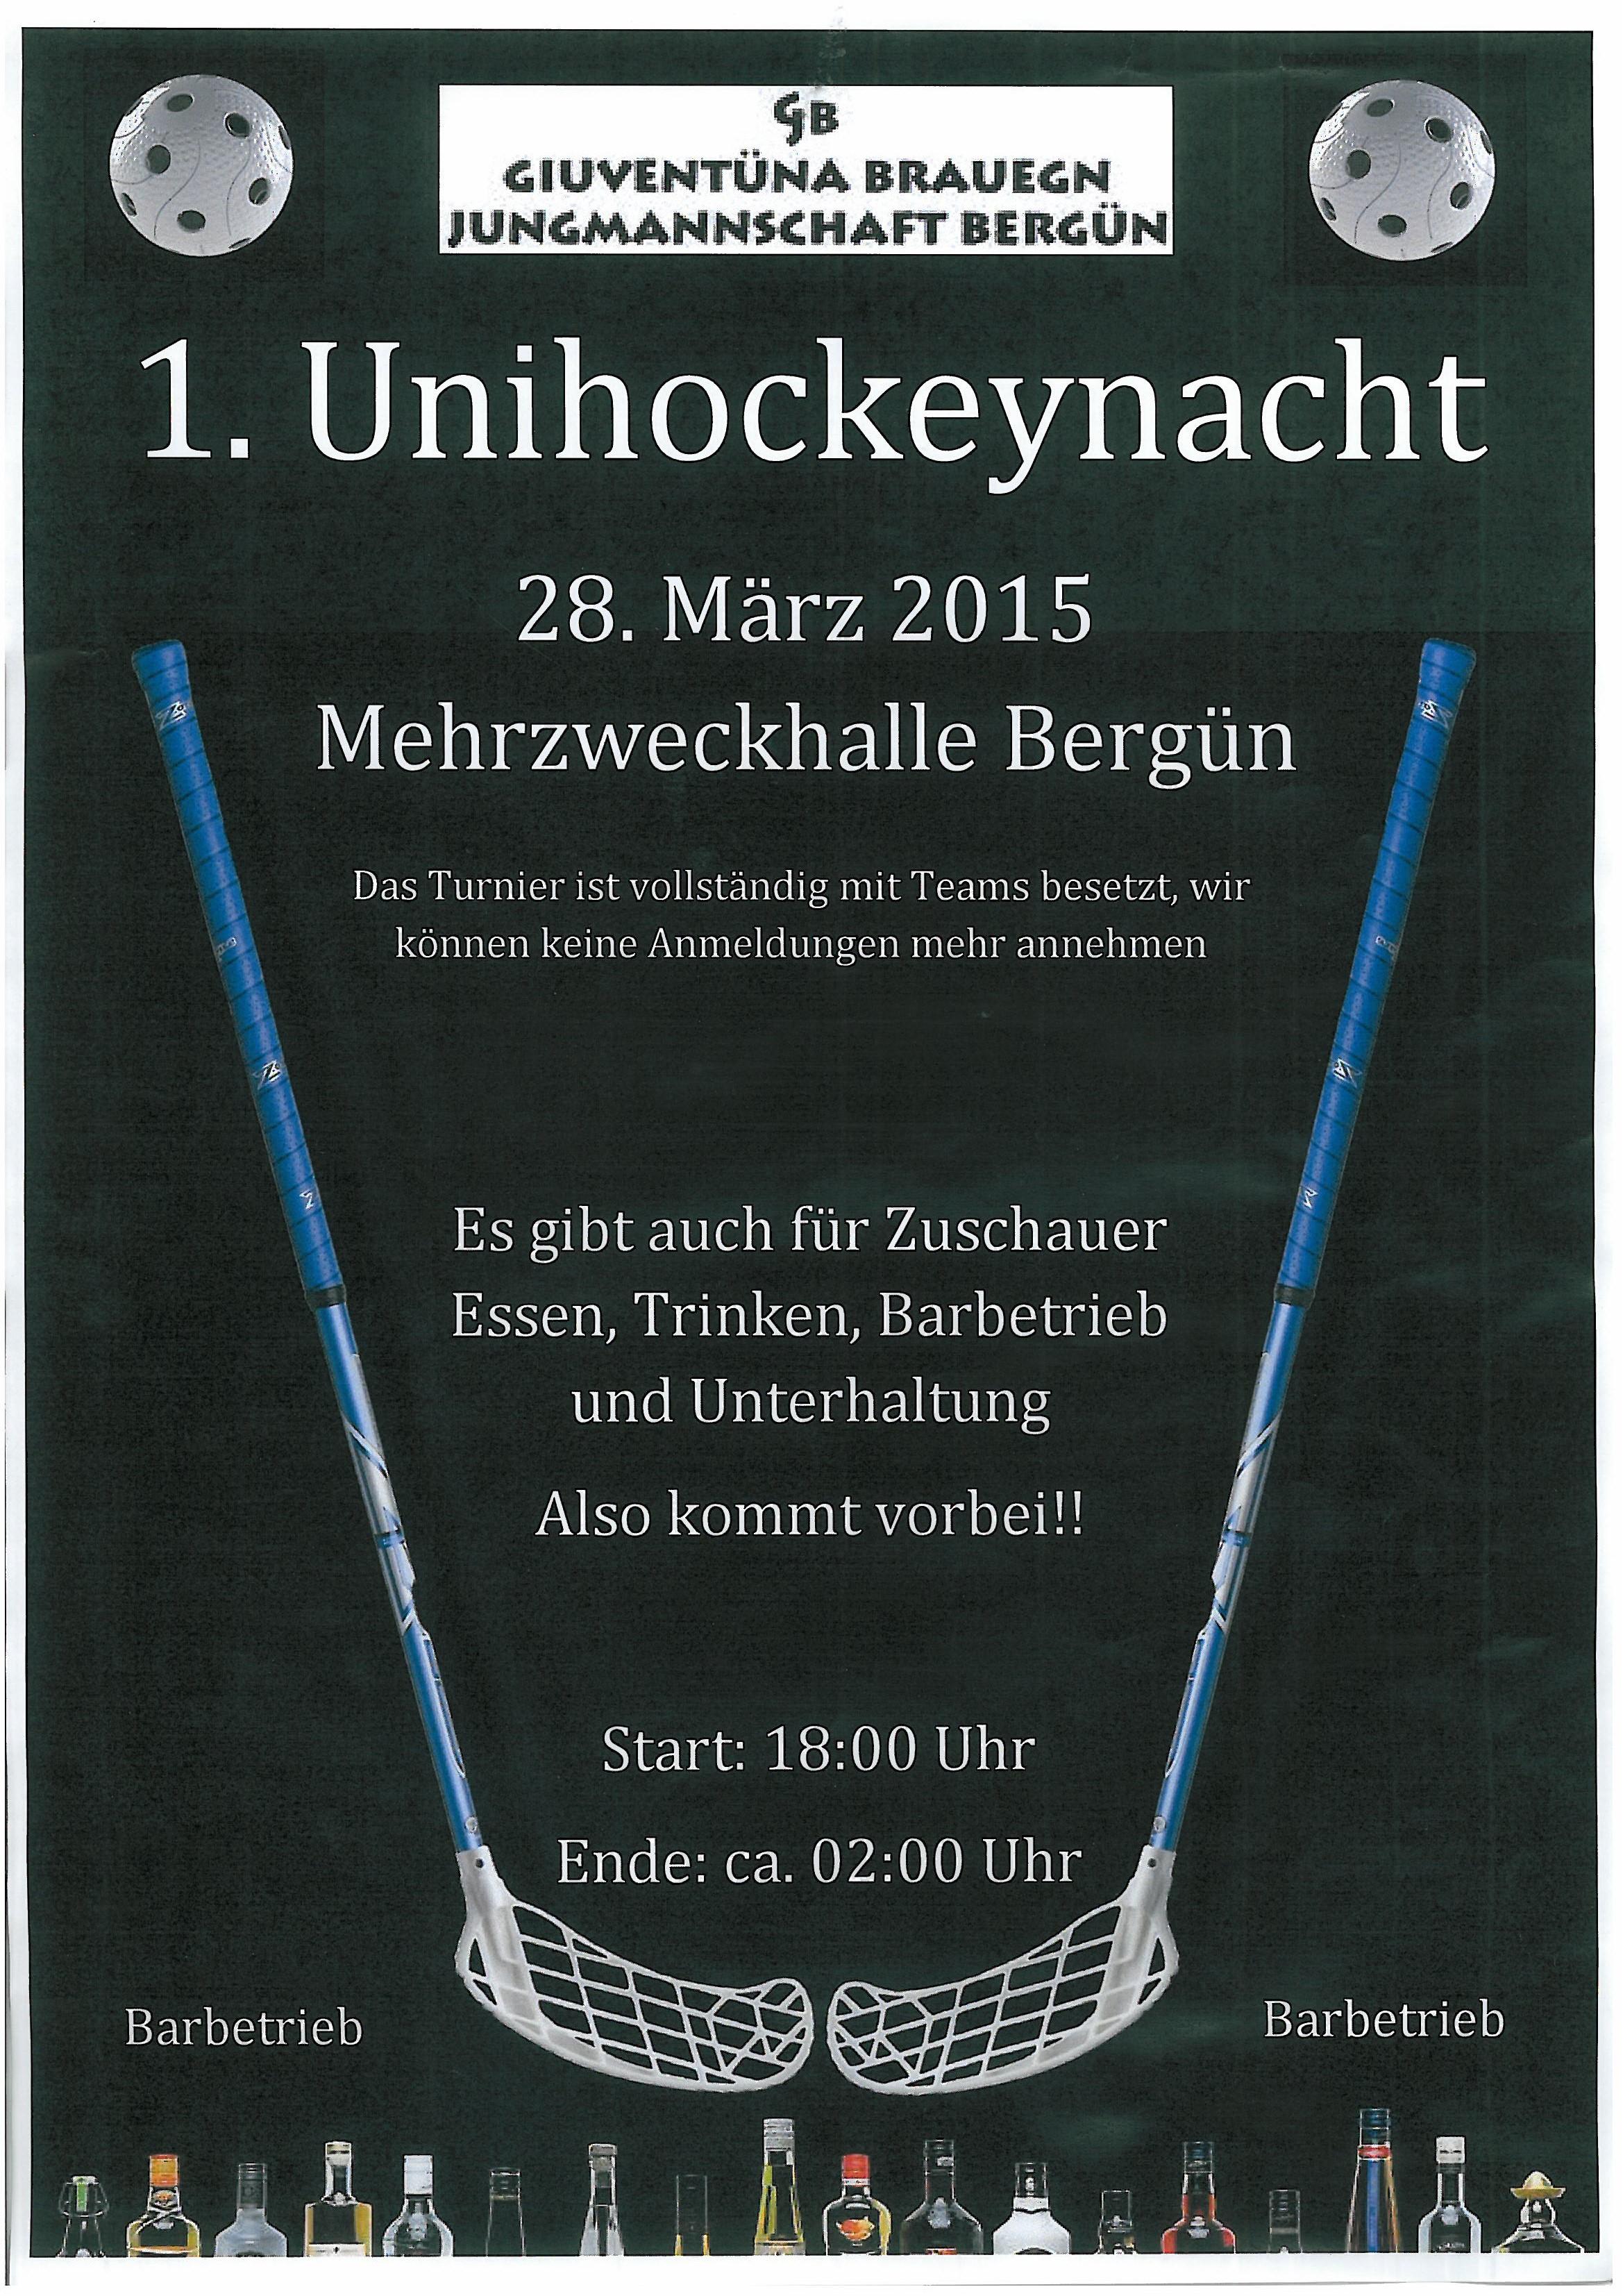 1. Unihockeynacht